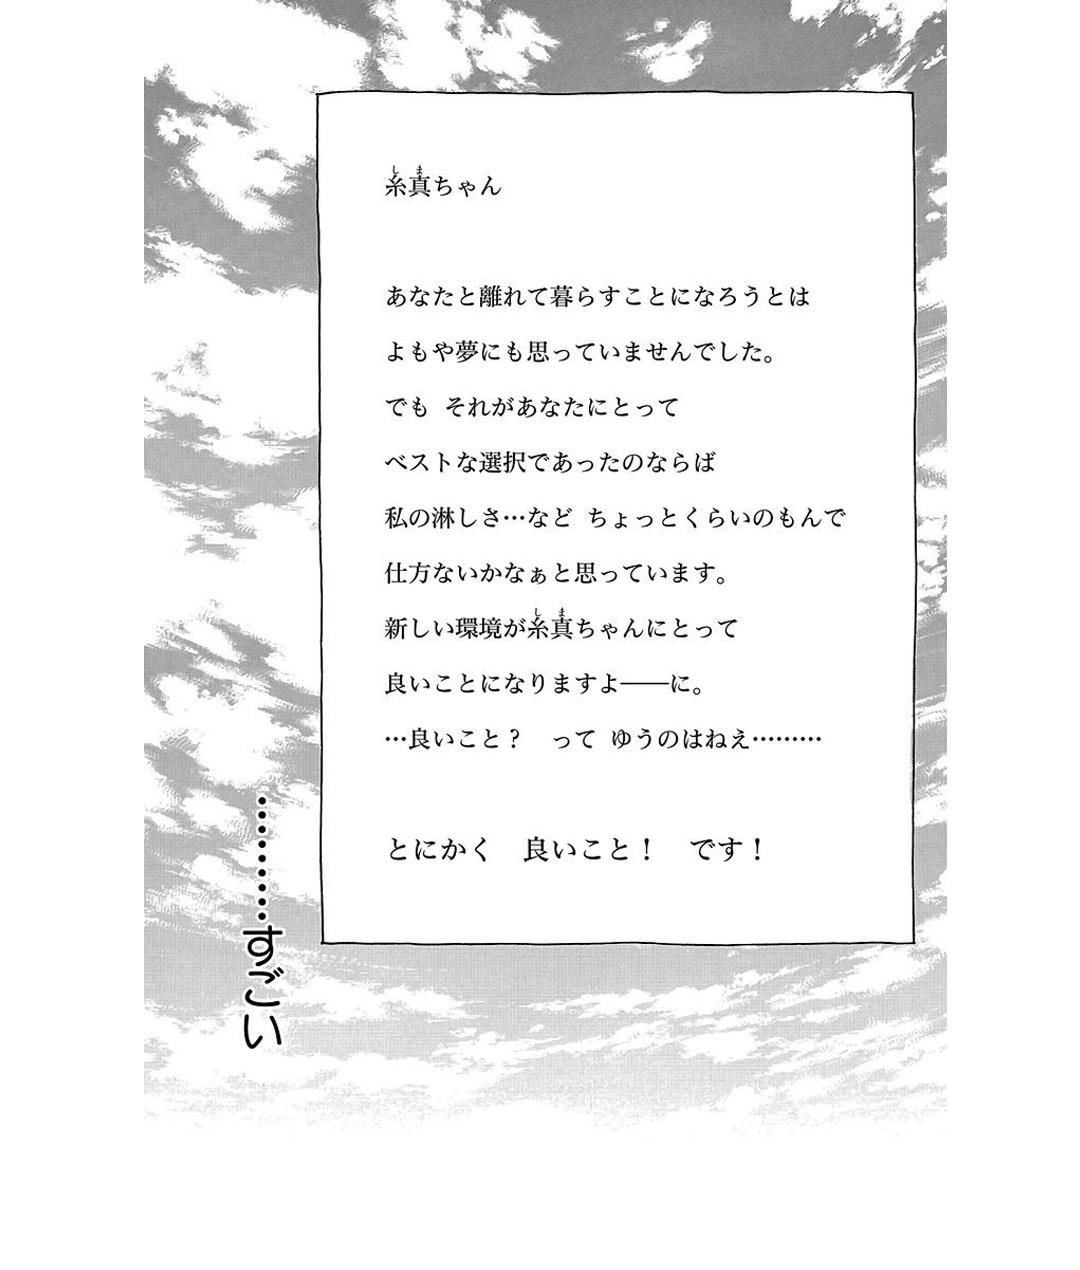 プリンシパル 第1話 試し読み_1_1-7